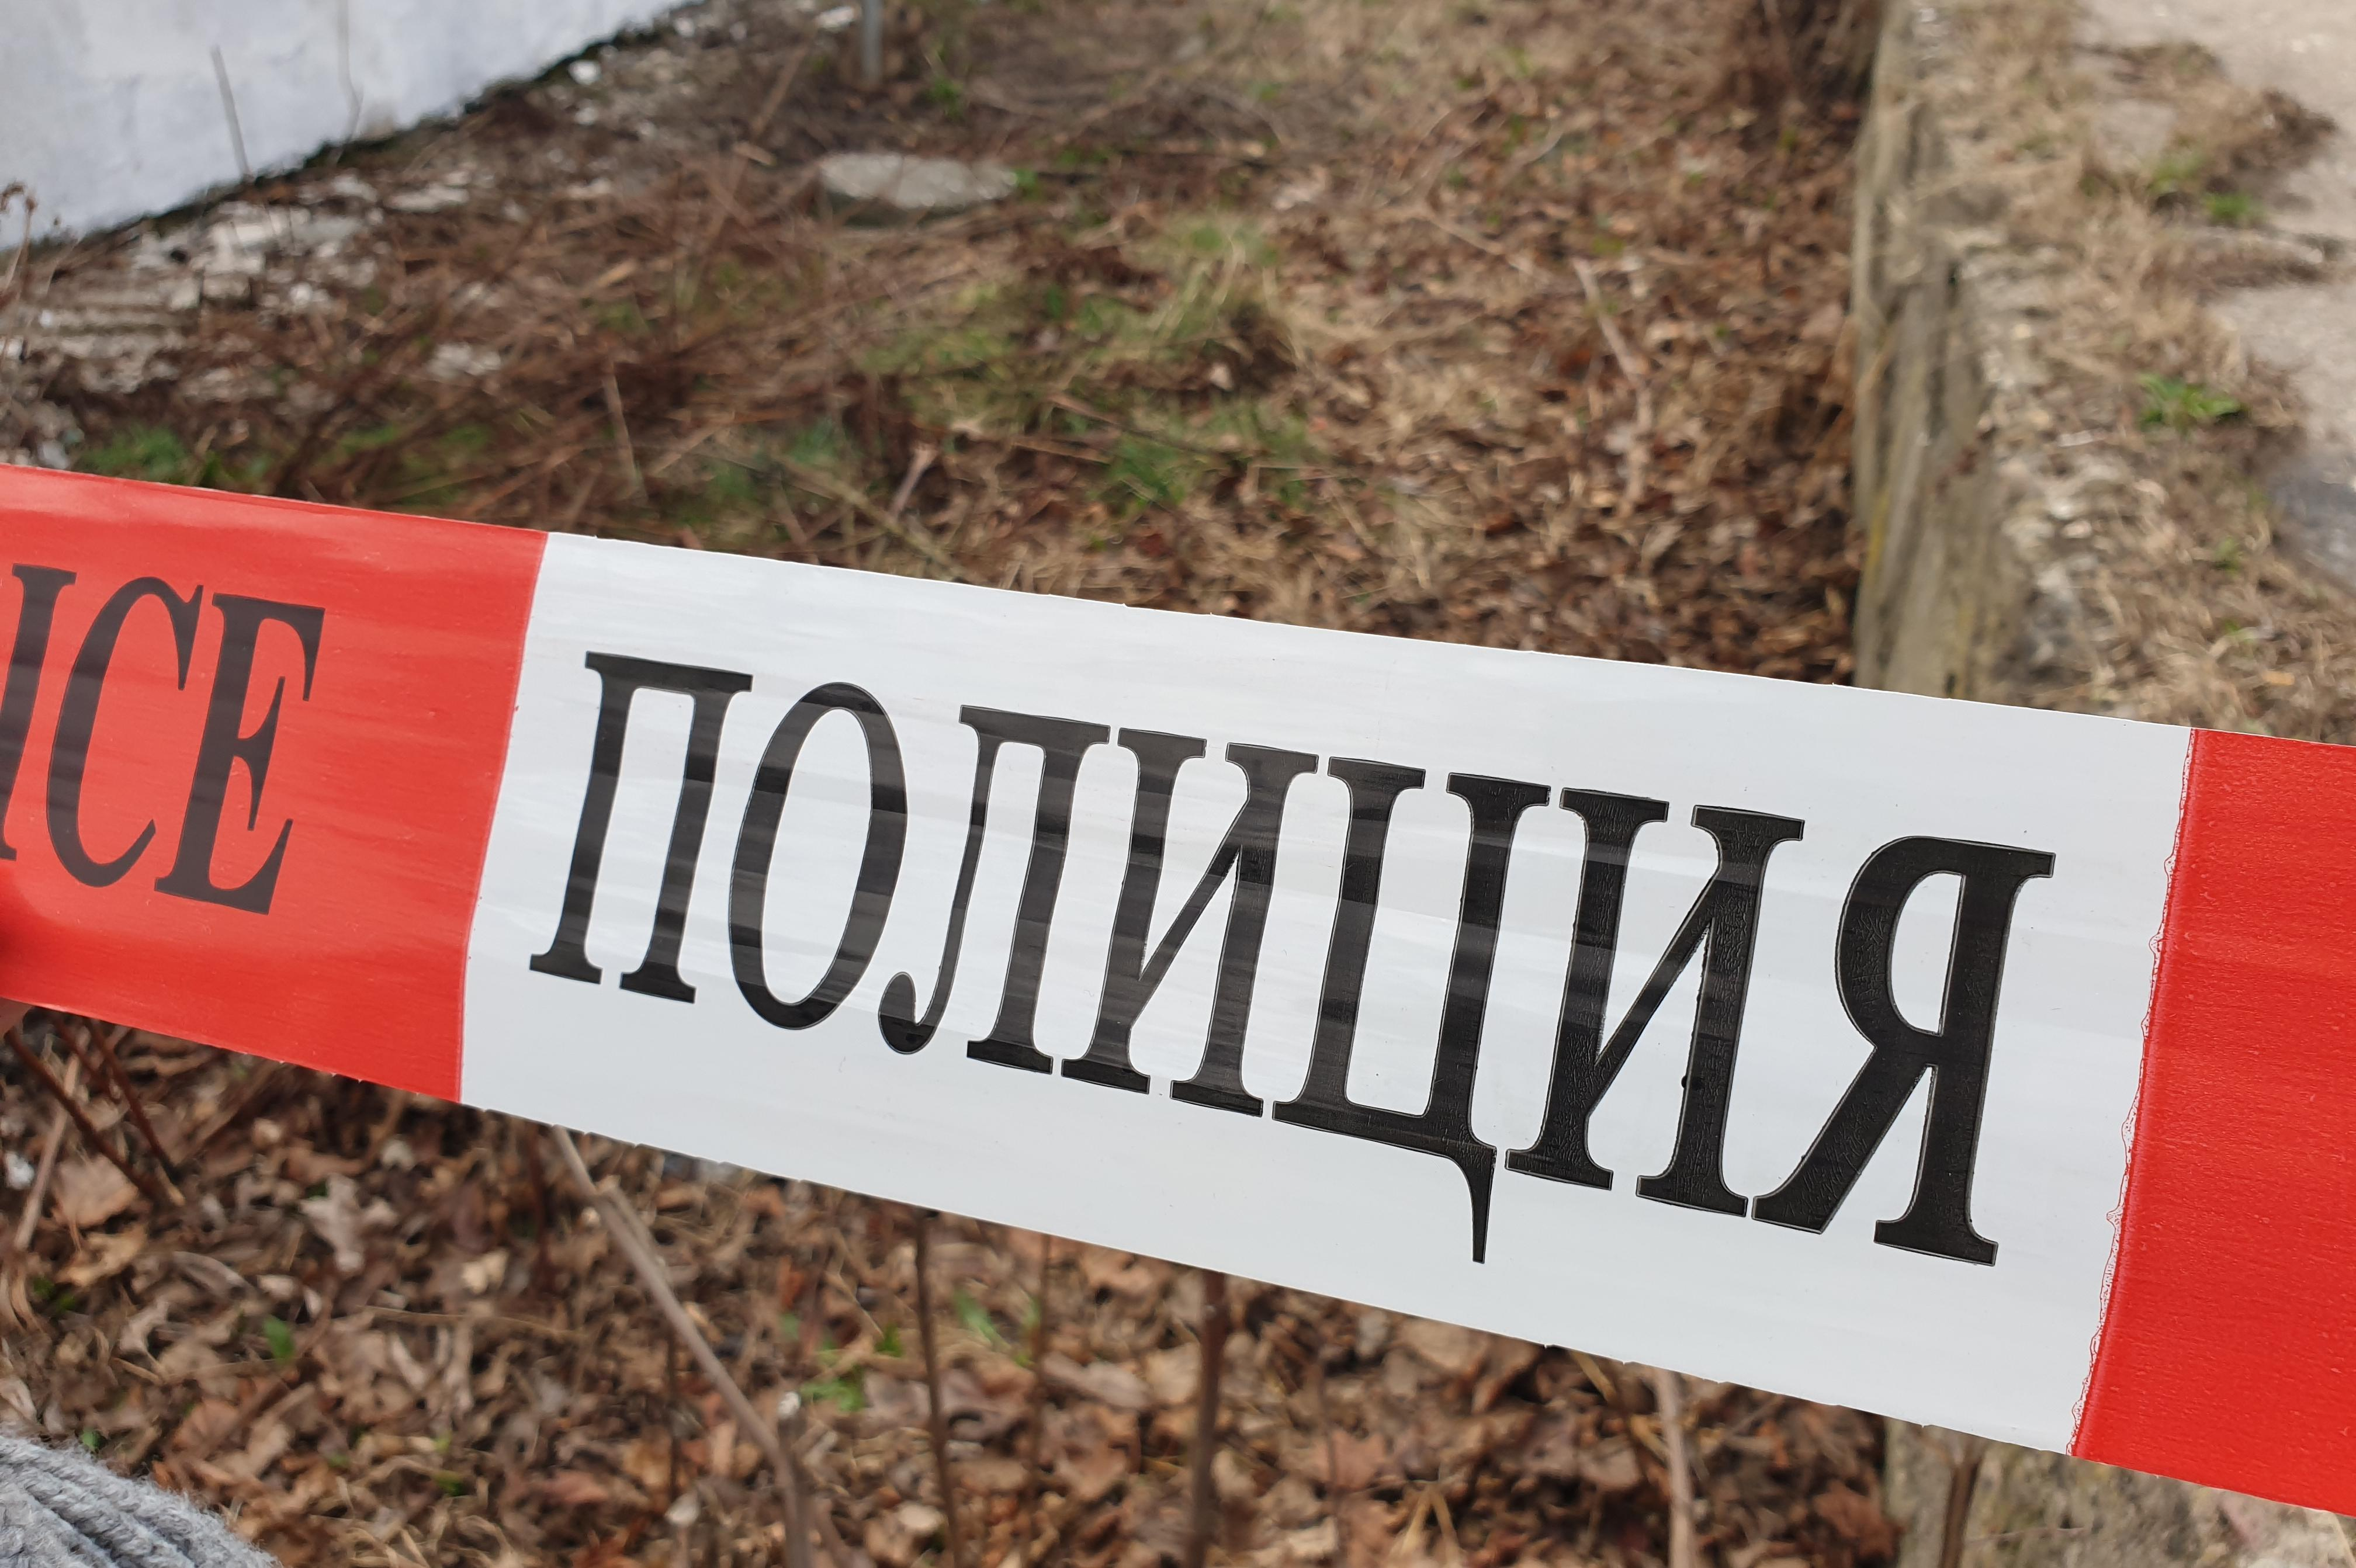 Задържаха инициатори на масово сбиване в Ихтиман